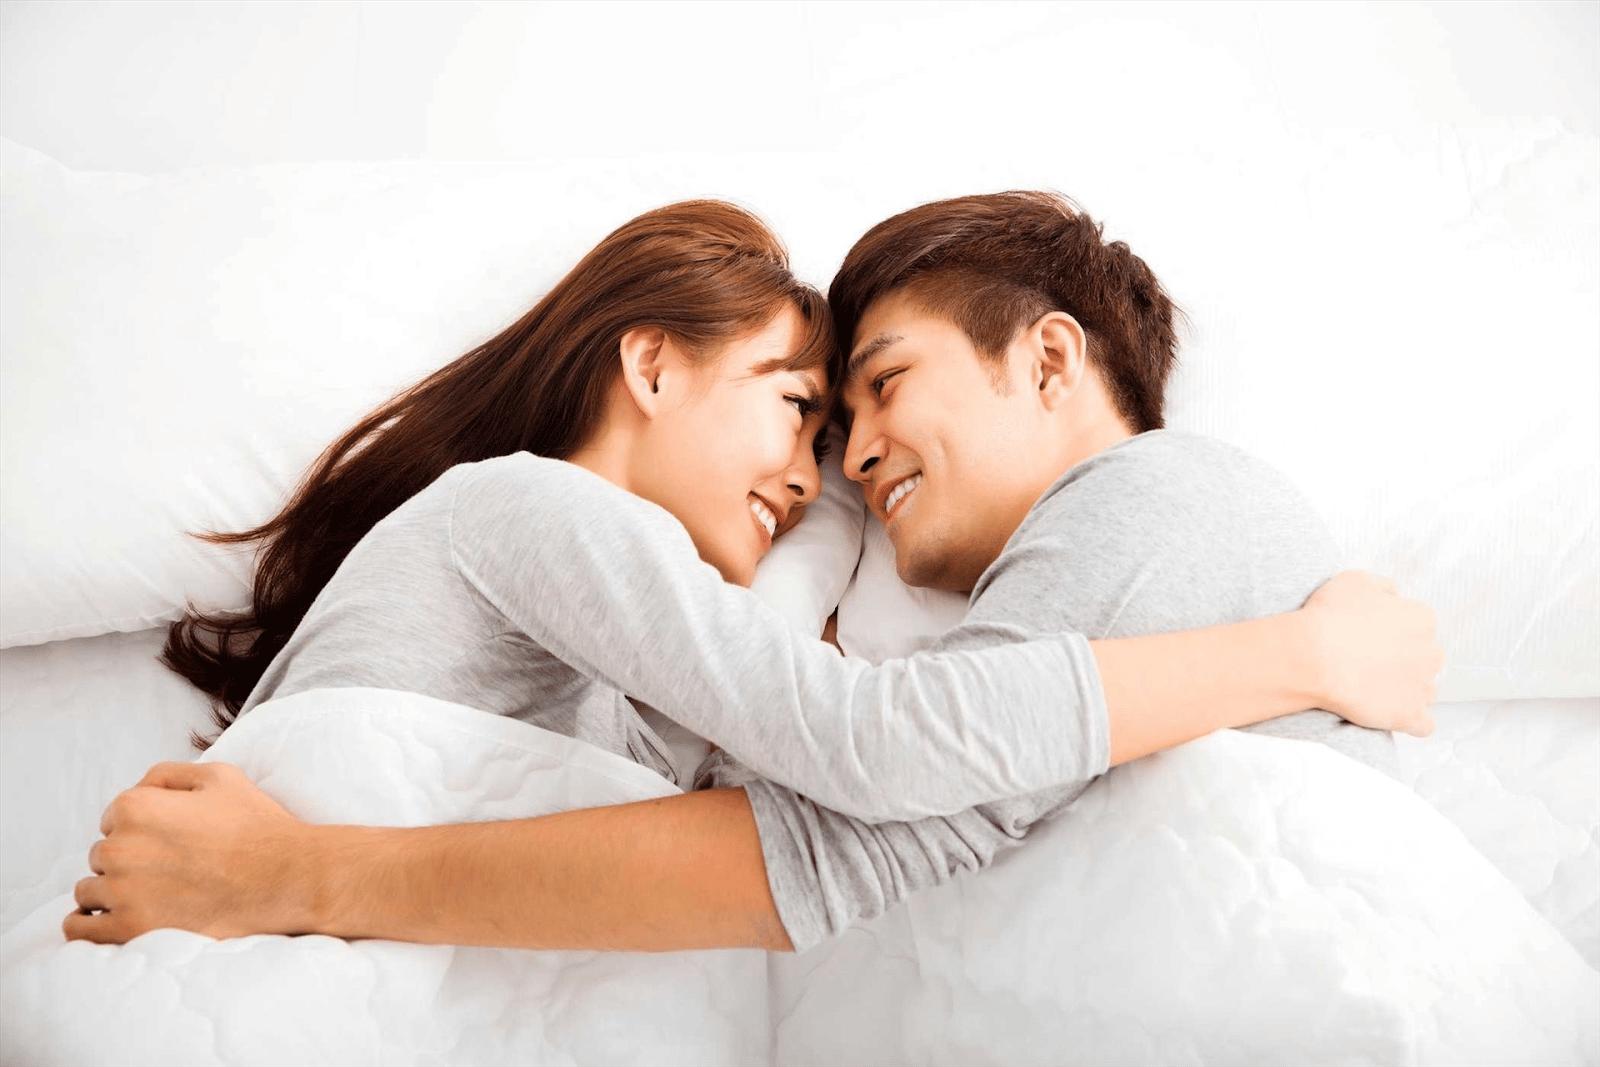 Xem cung mệnh vợ chồngthì chúng ta sẽ tiến hành xem vợ chồng như thế nào? Tra cung mệnh vợ chồng sau đây